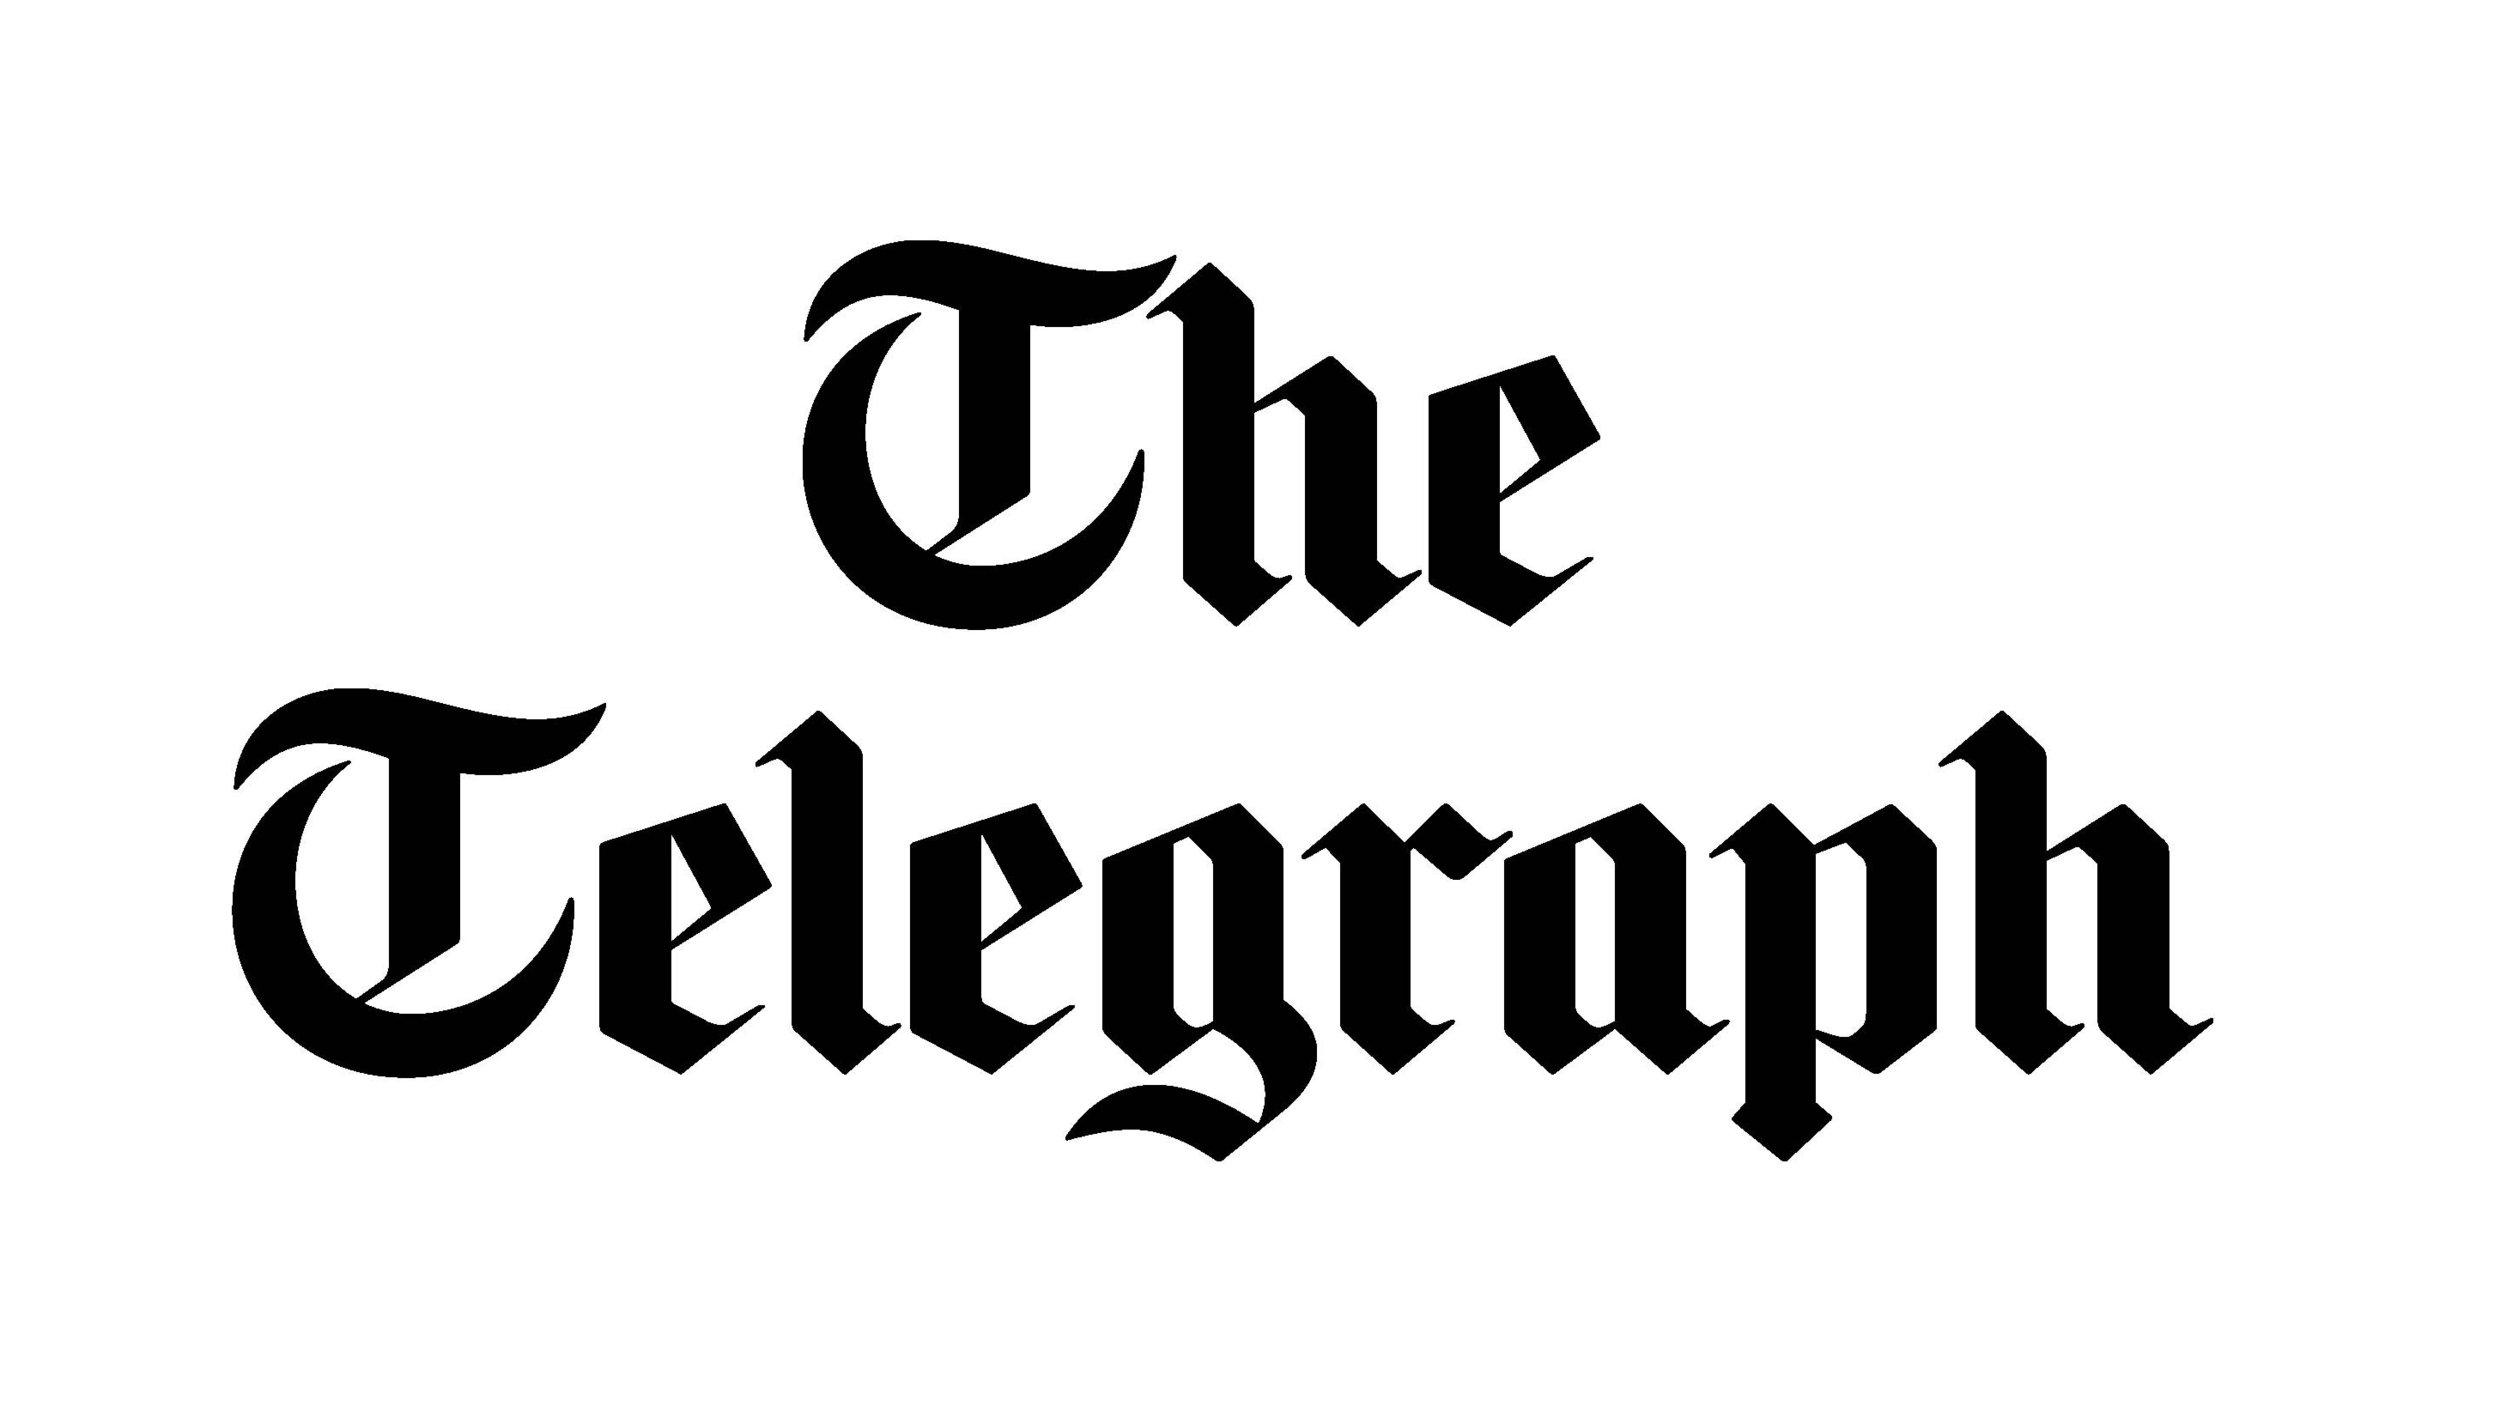 telegraph-logo-16.9-1.jpg